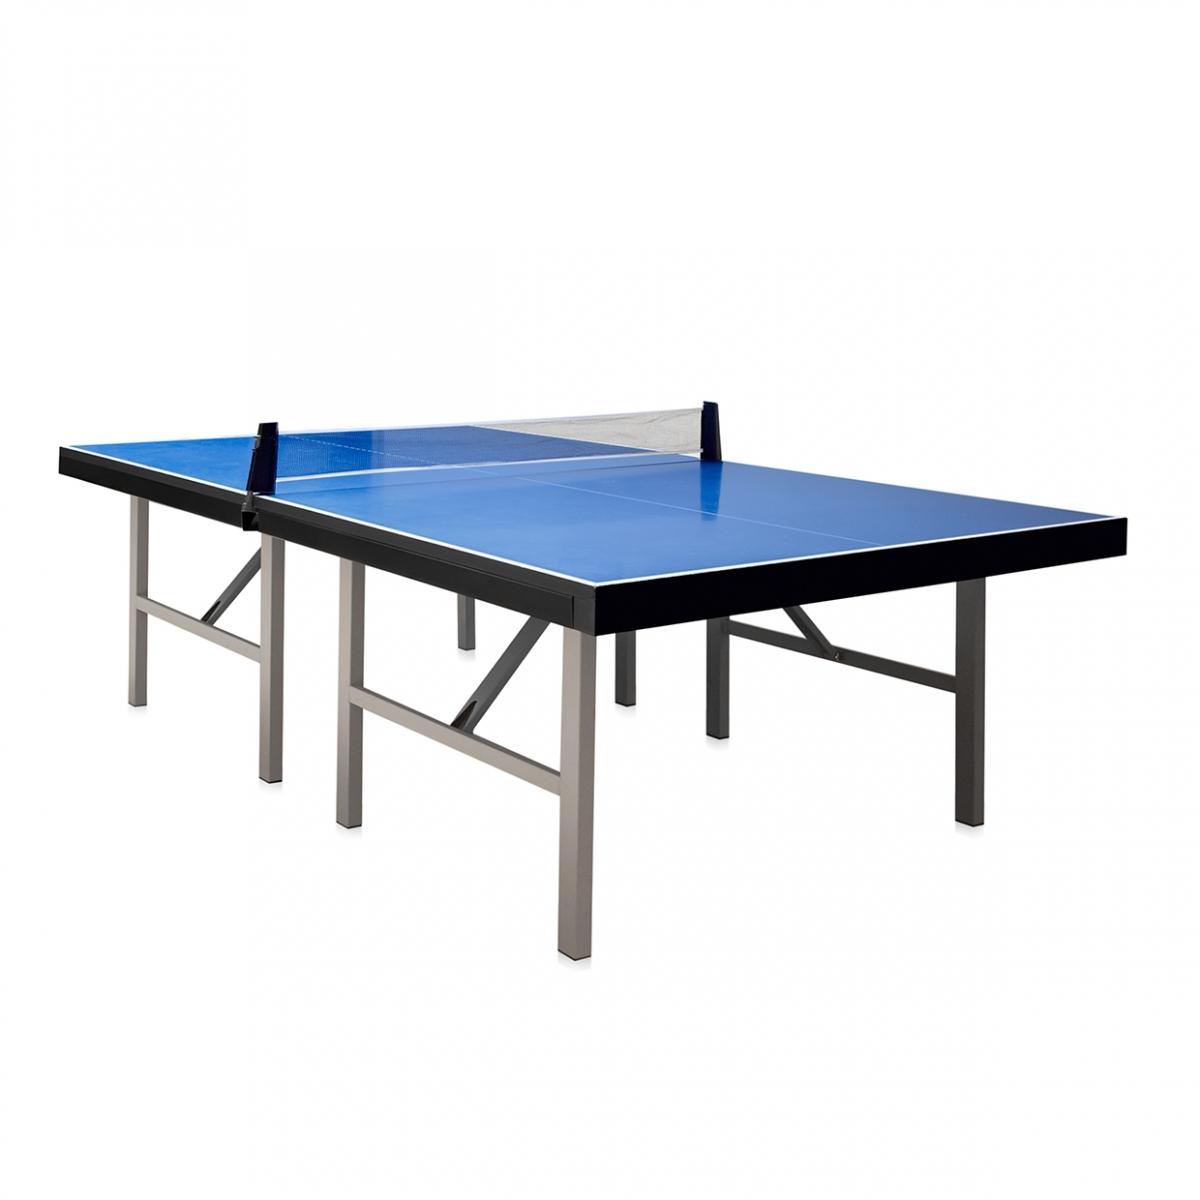 Imagen en la que se ve una mesa de ping pong